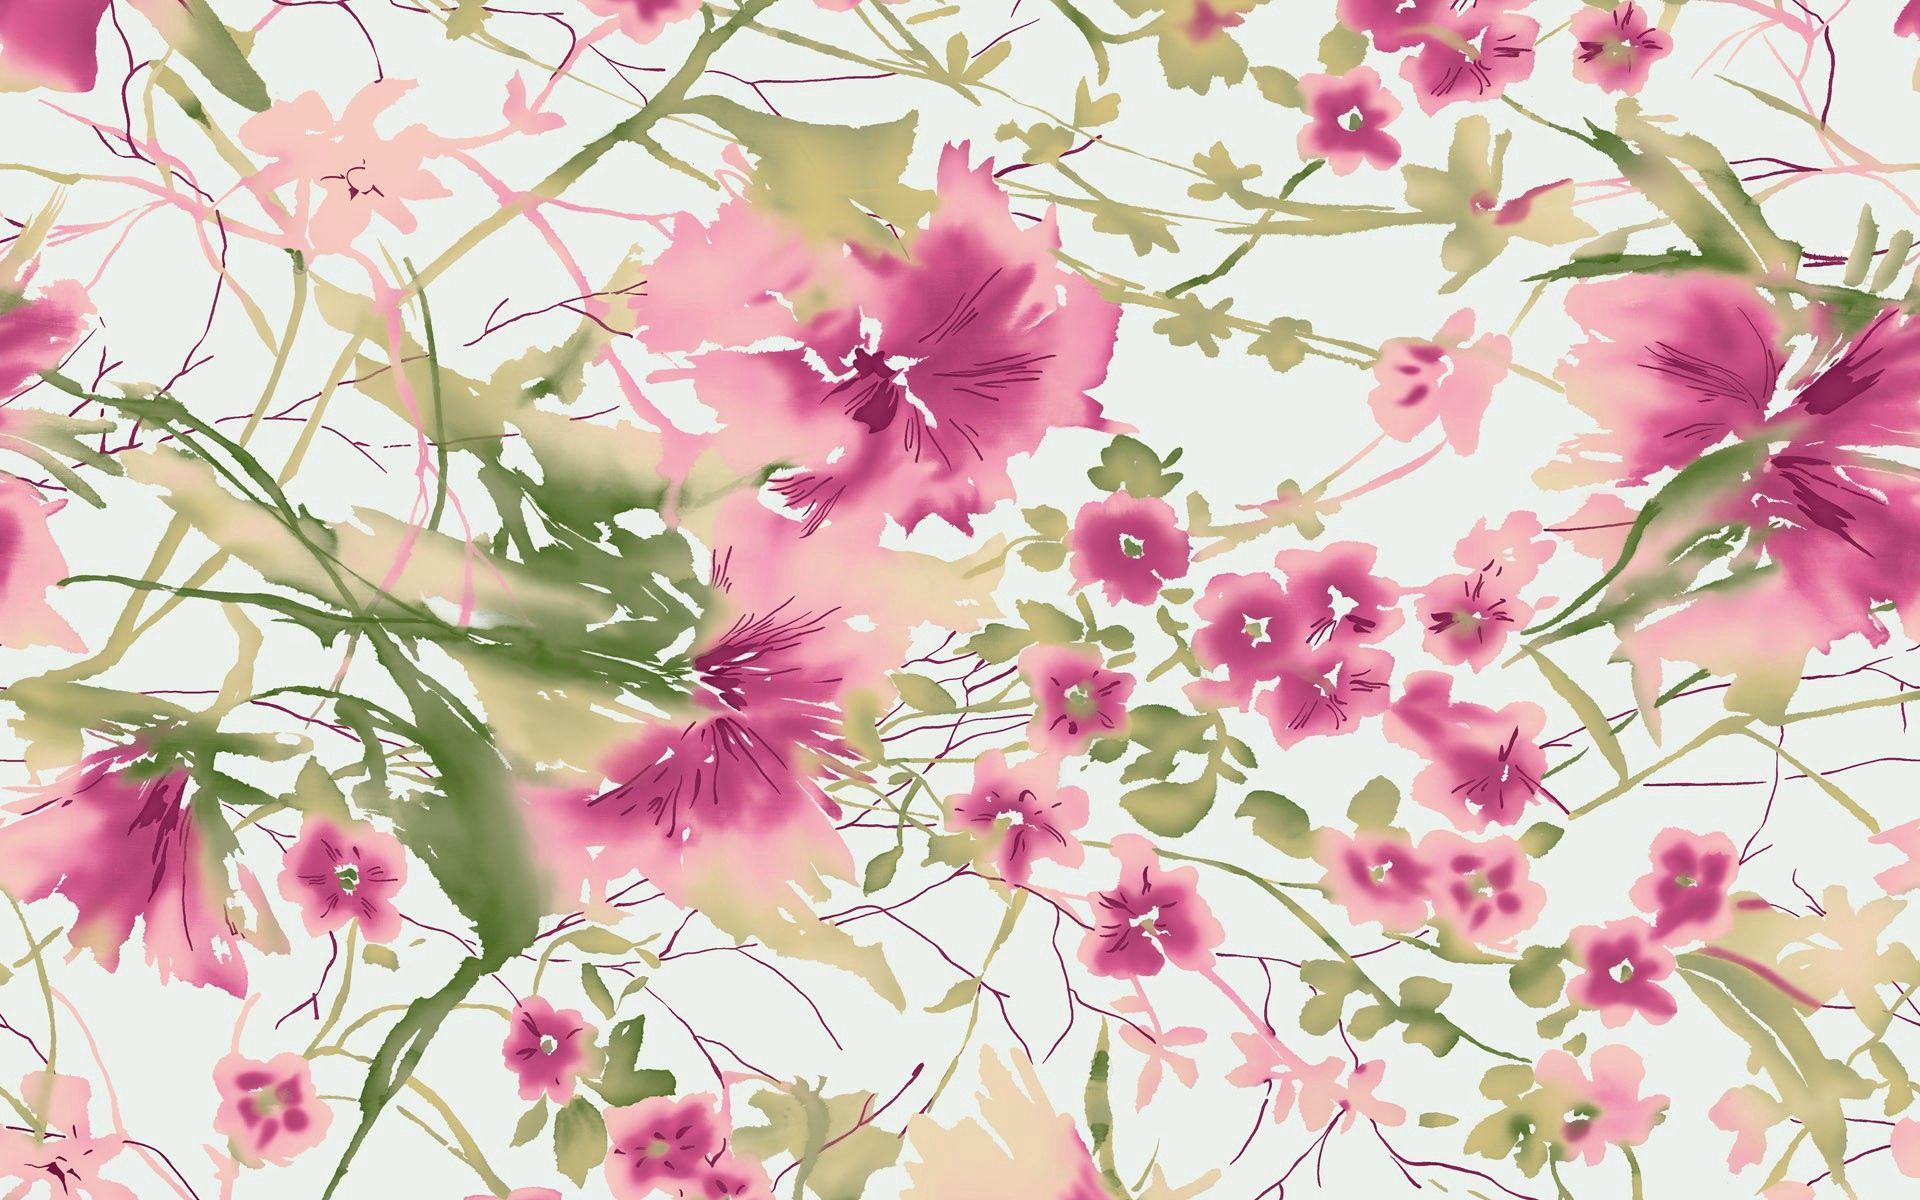 95326 скачать обои Текстуры, Фон, Симметрия, Цветы, Узоры - заставки и картинки бесплатно